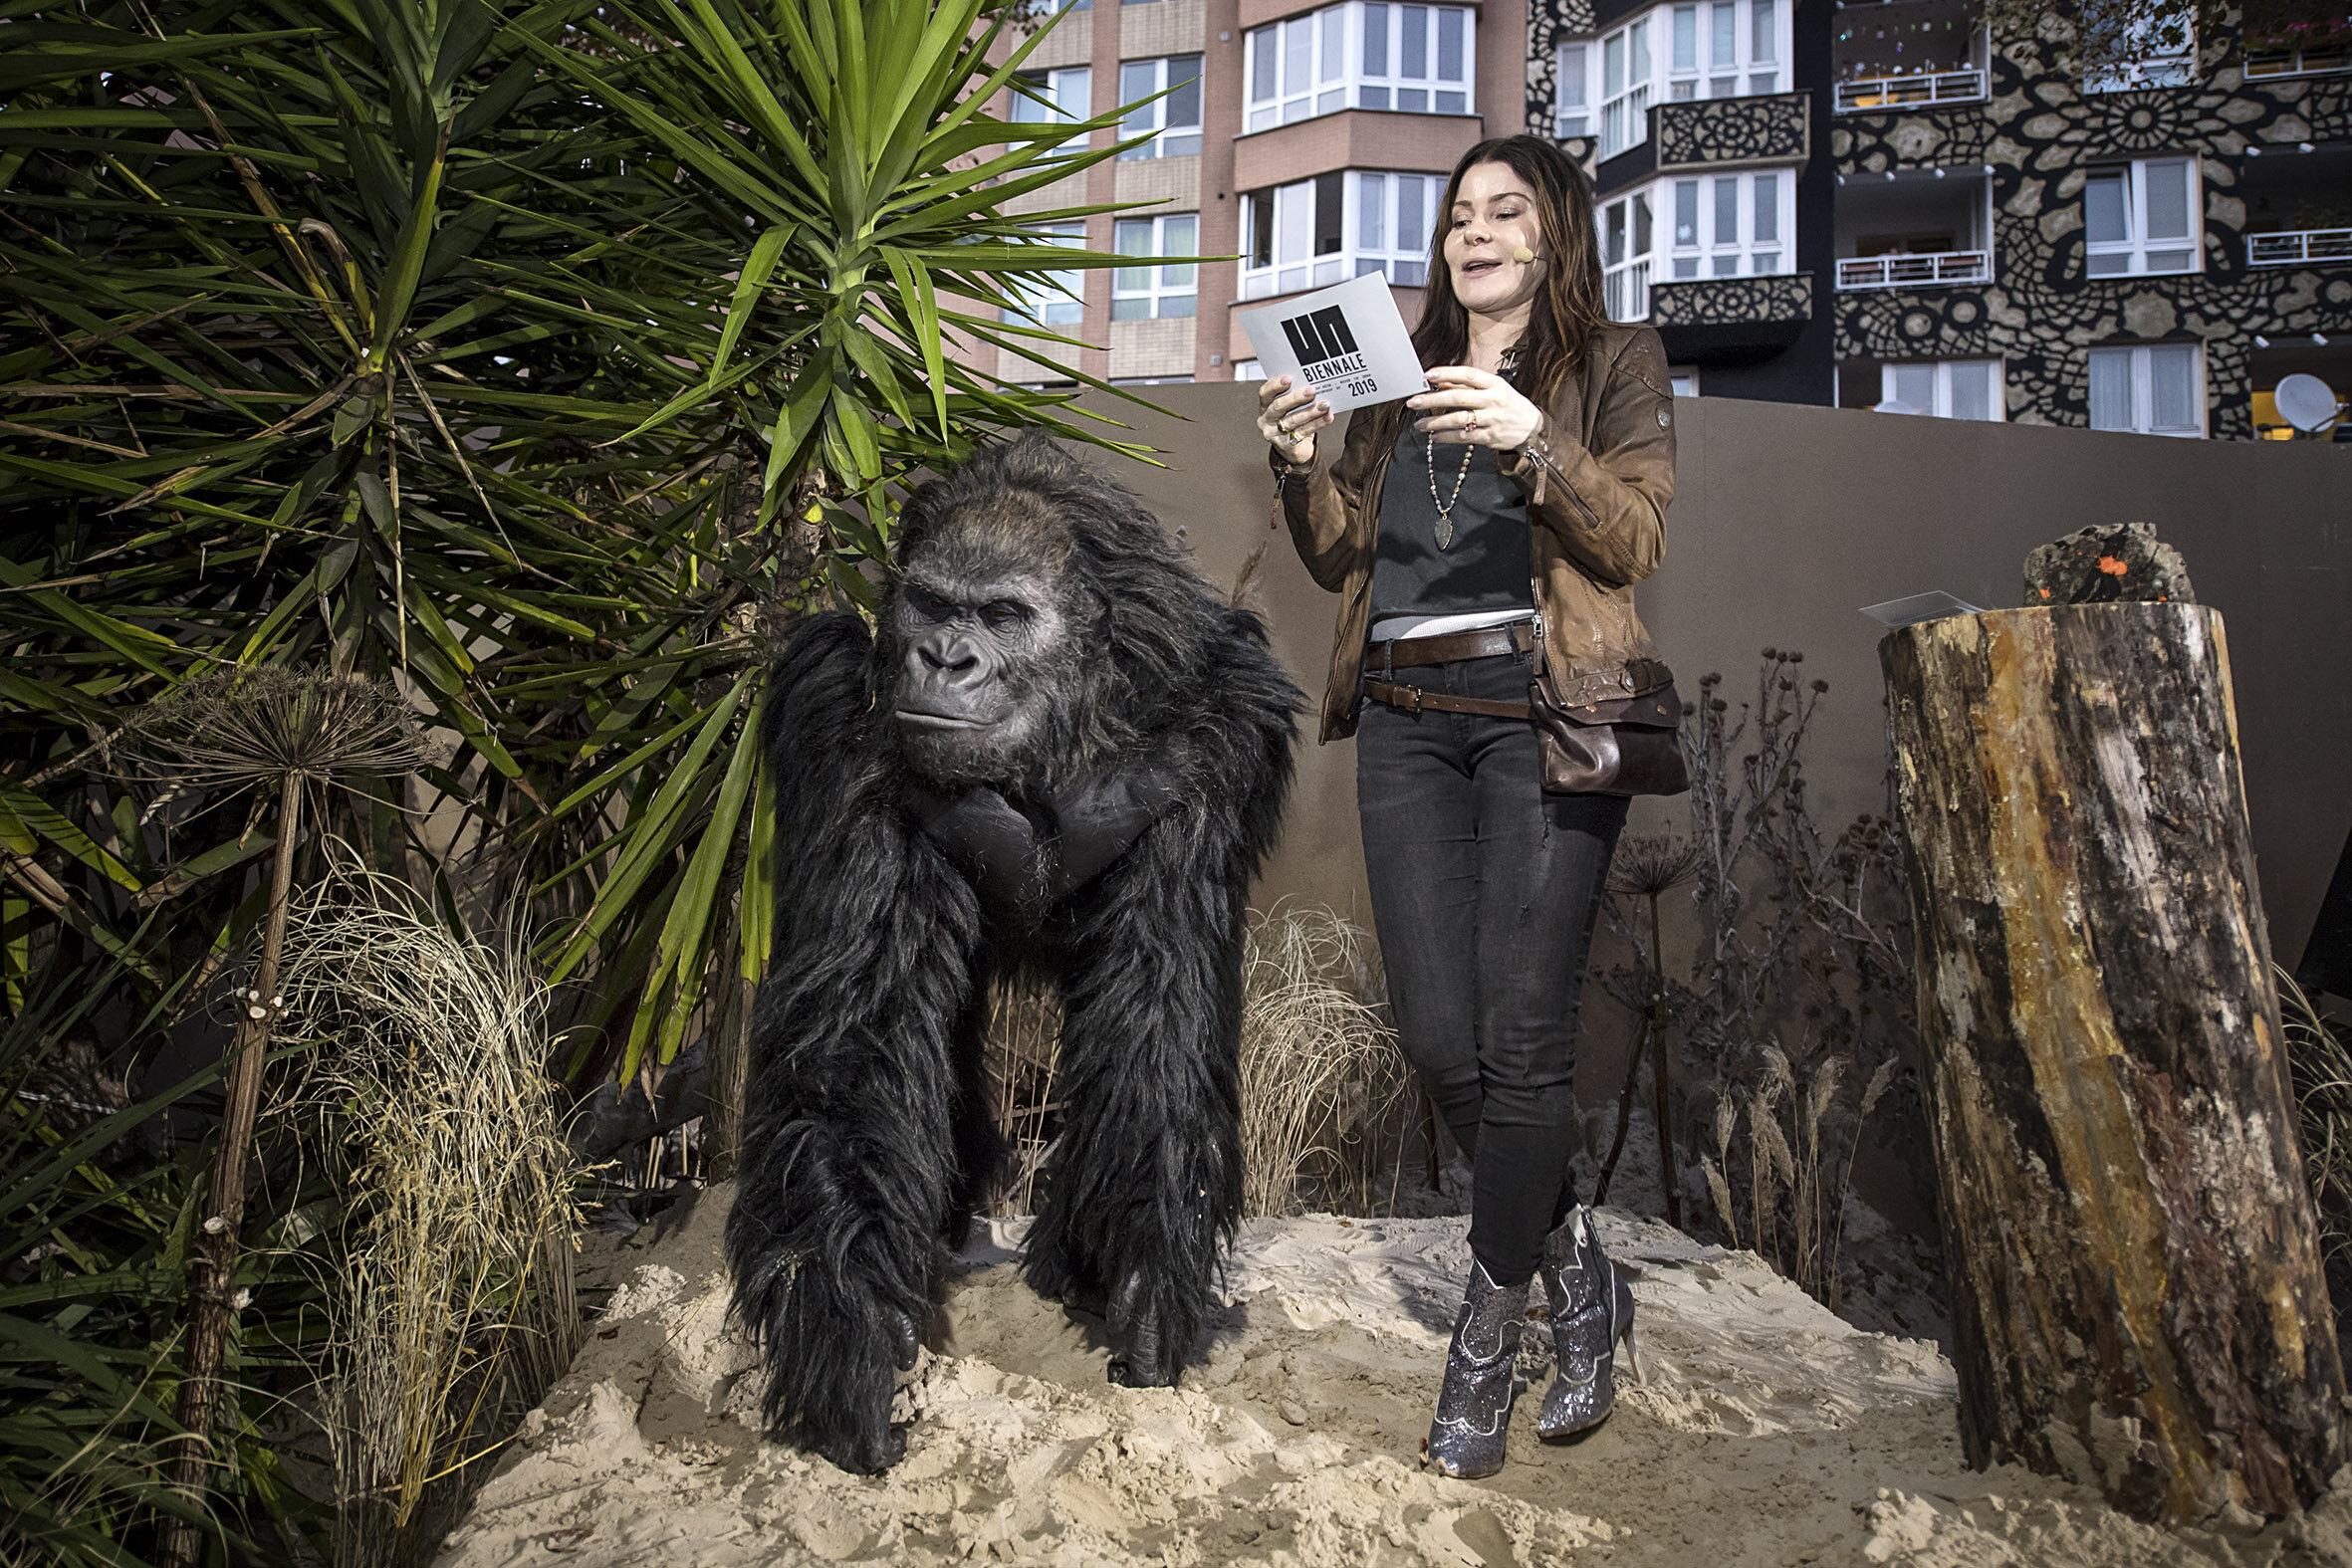 Yasha og en gorilla åpner biennalen.